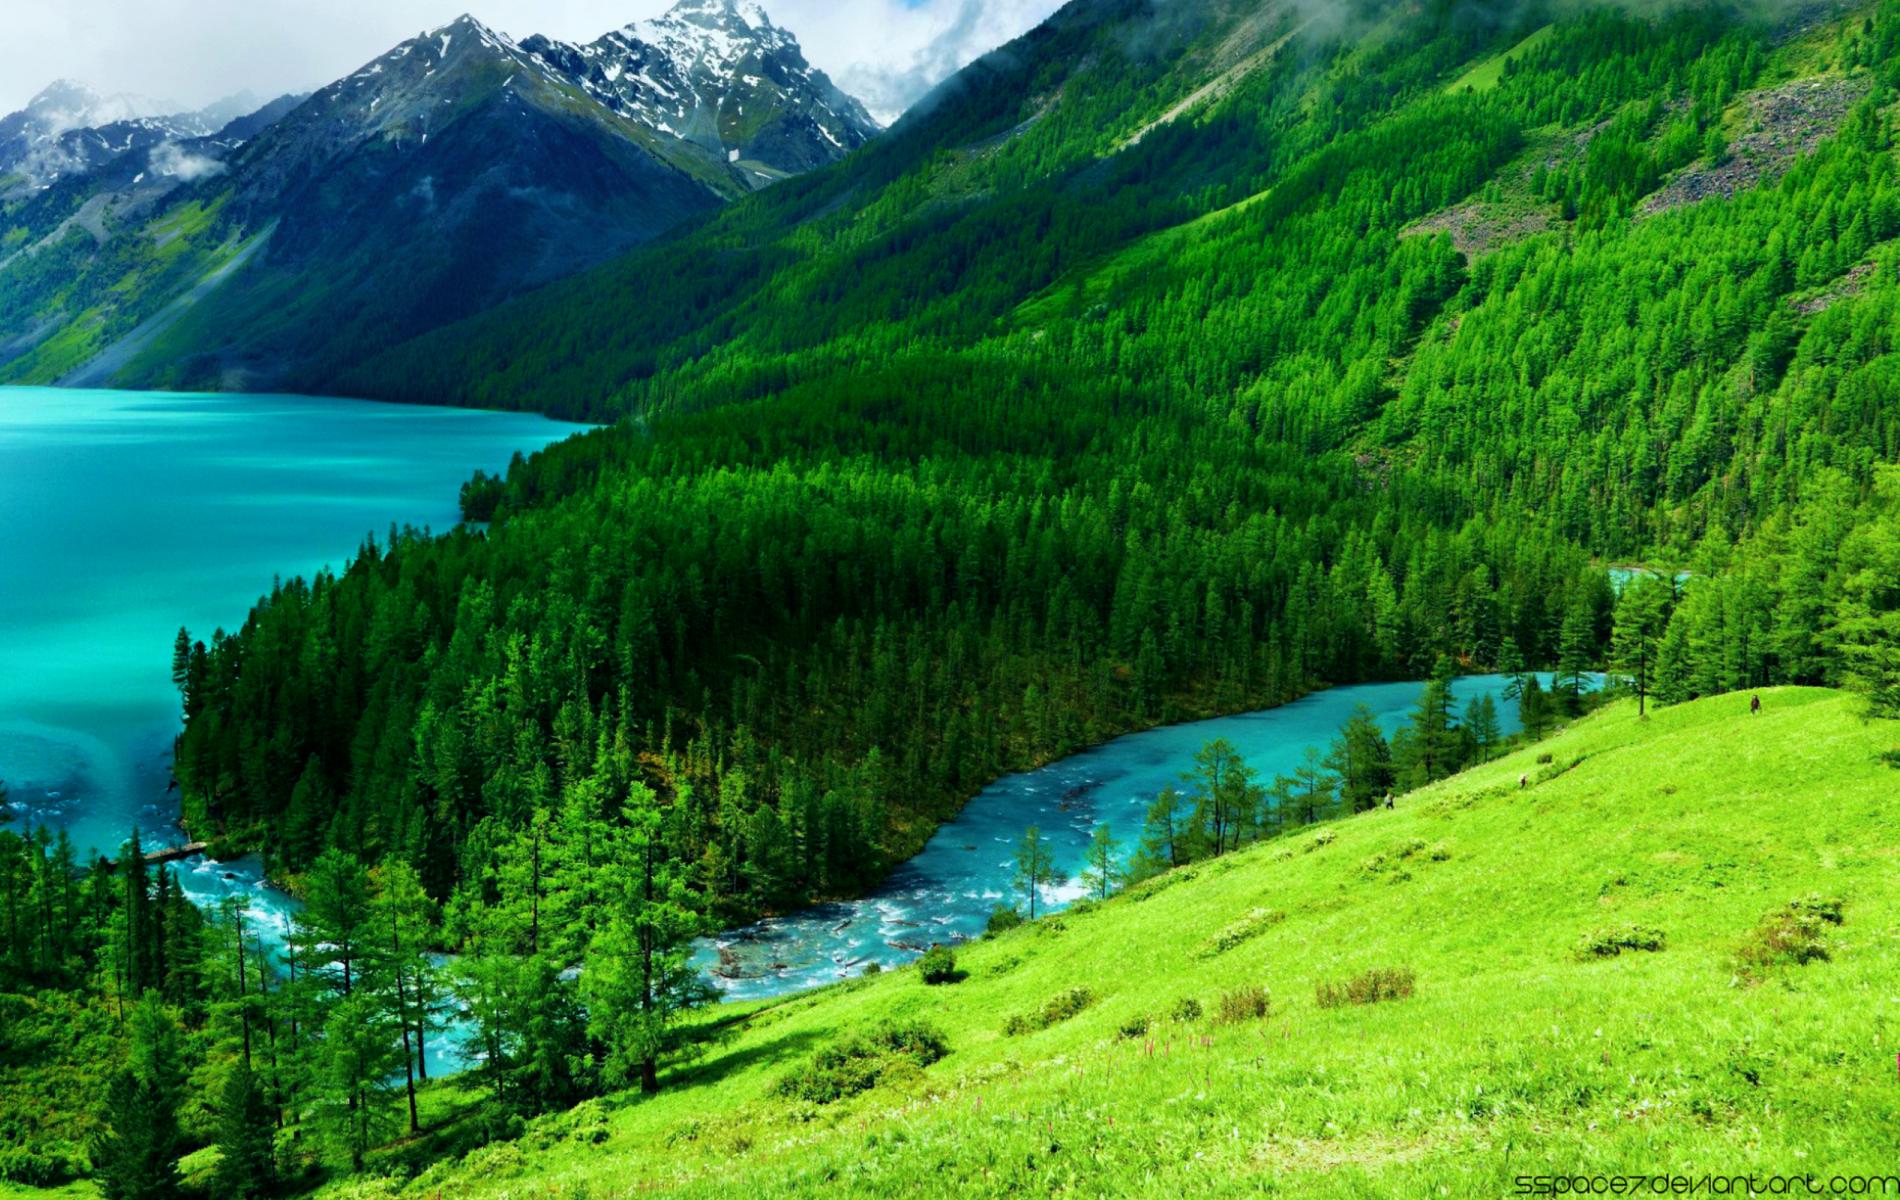 mountain scenes for desktop wallpaper - wallpapersafari